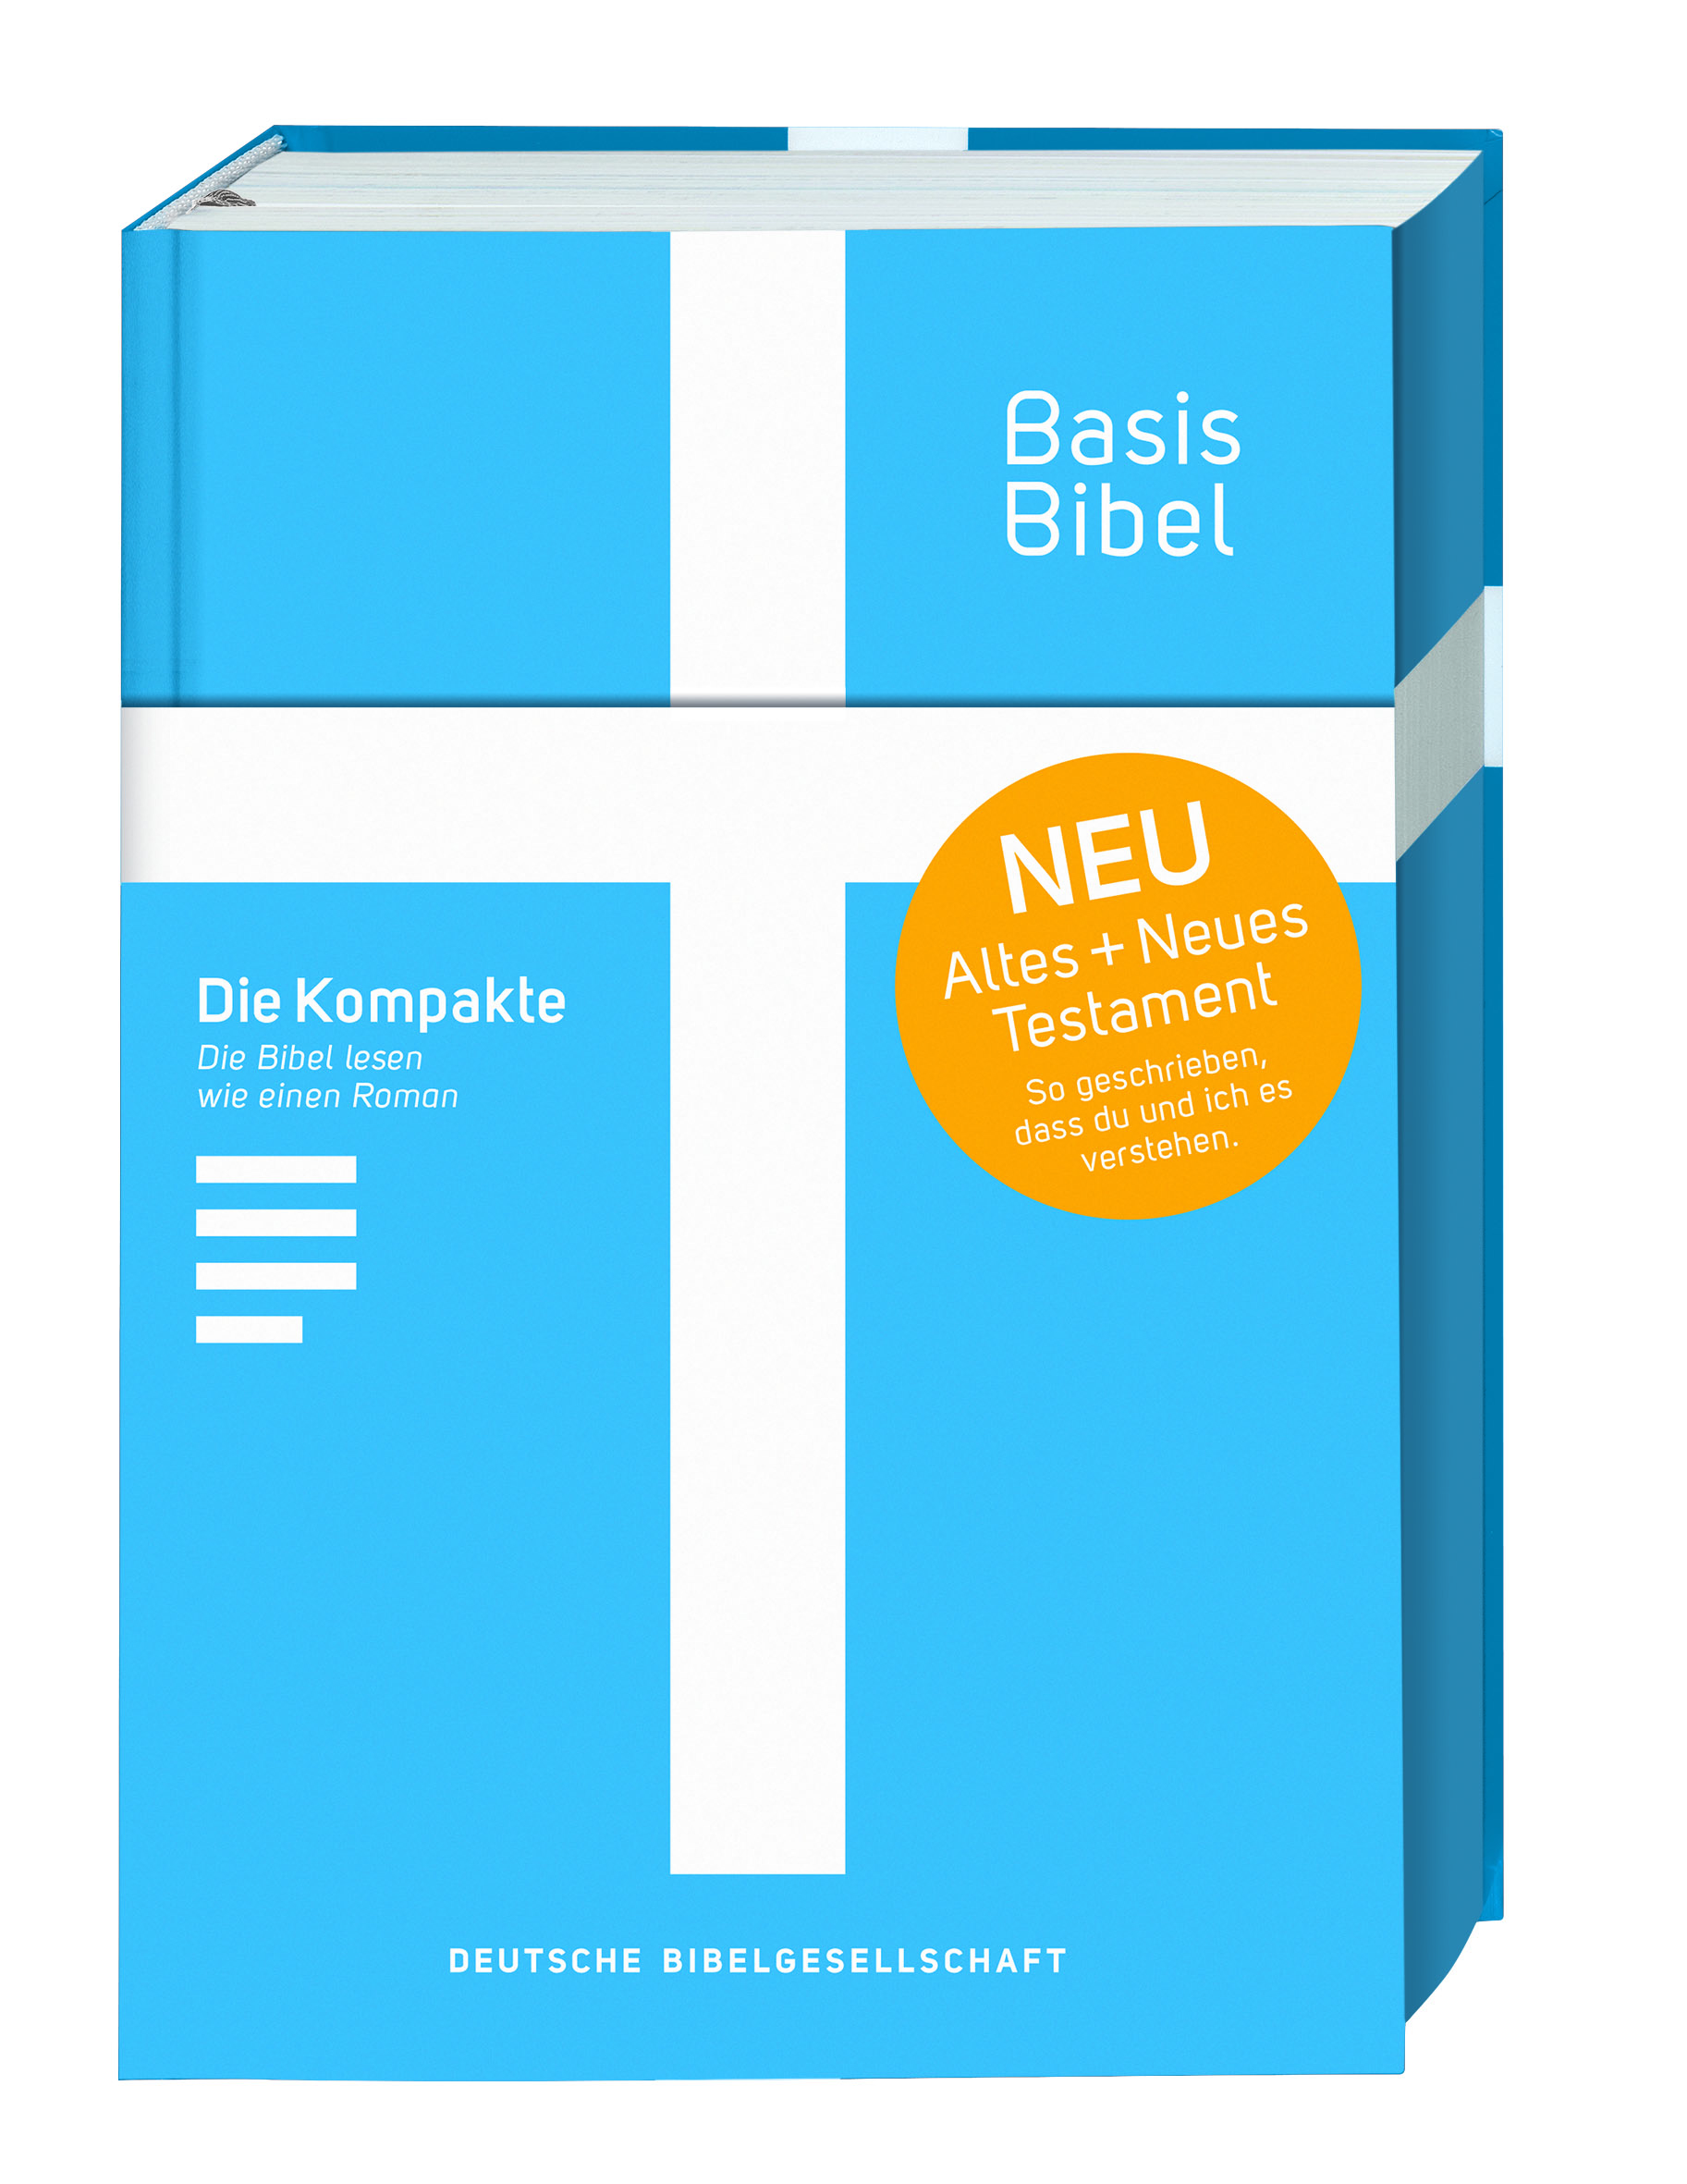 BasisBibel blau - Die Kompakte!